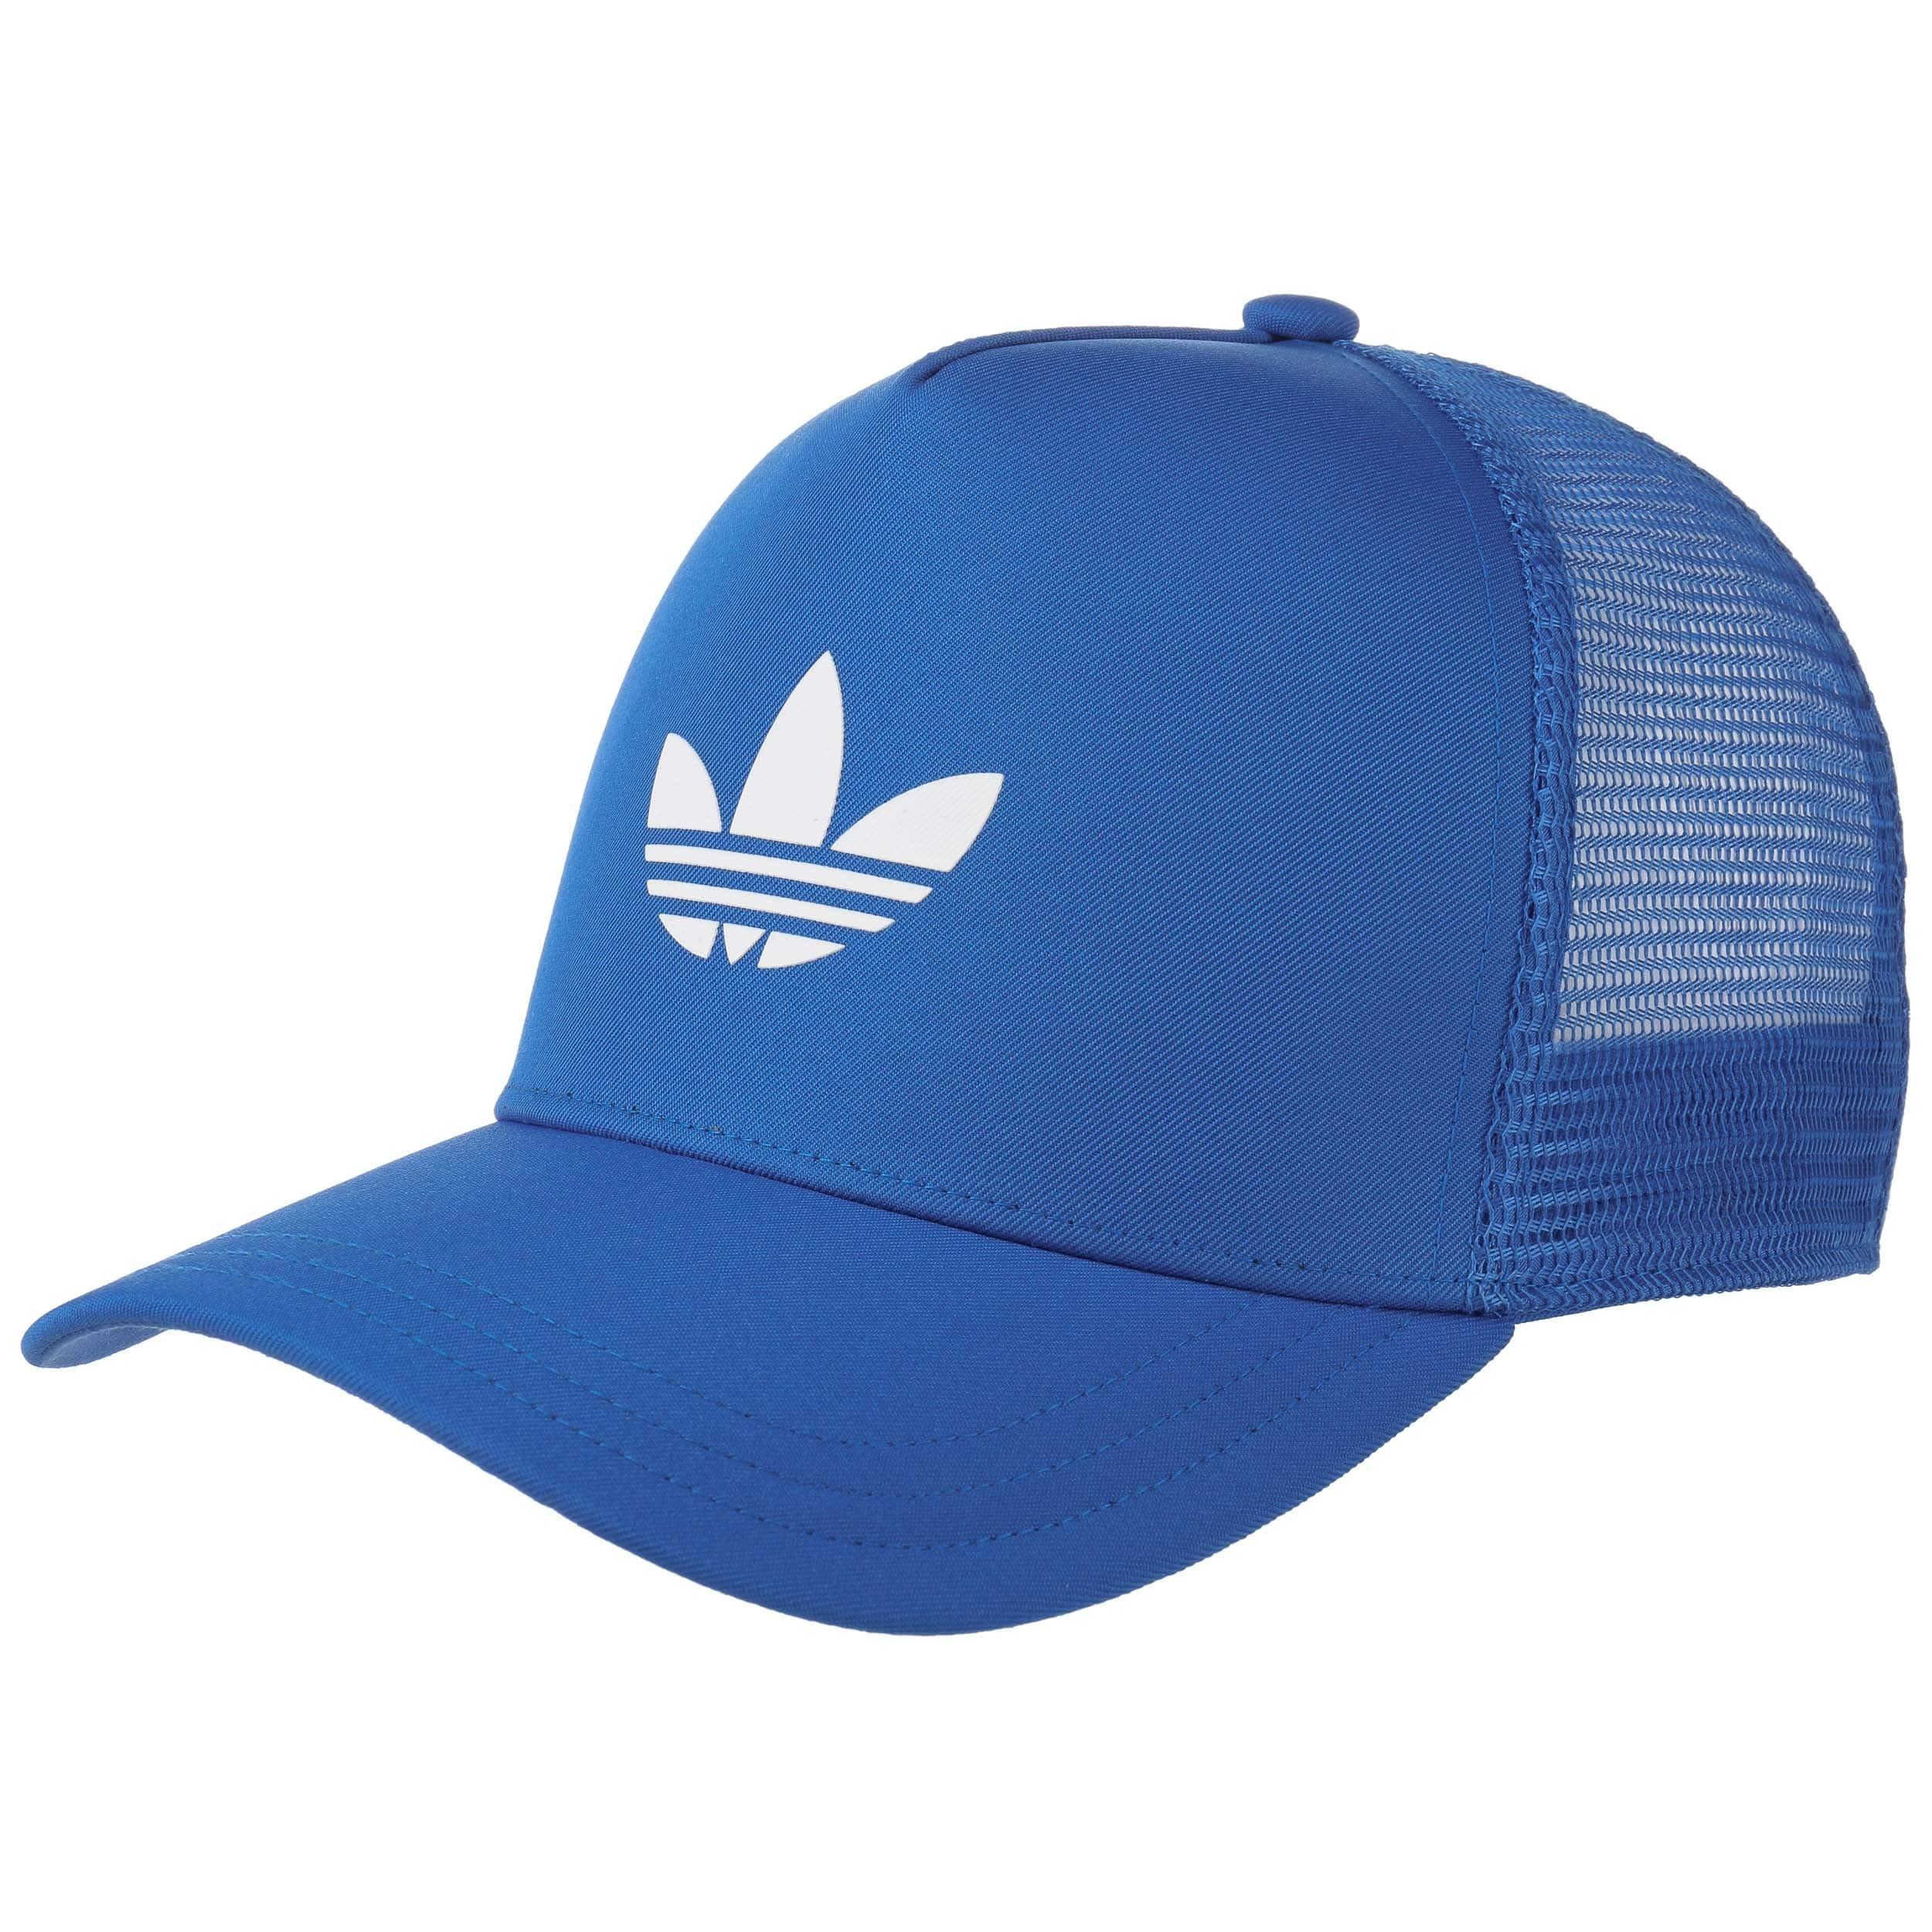 Trefoil Trucker Cap by adidas - Gorras - sombreroshop.es 2ba51735509